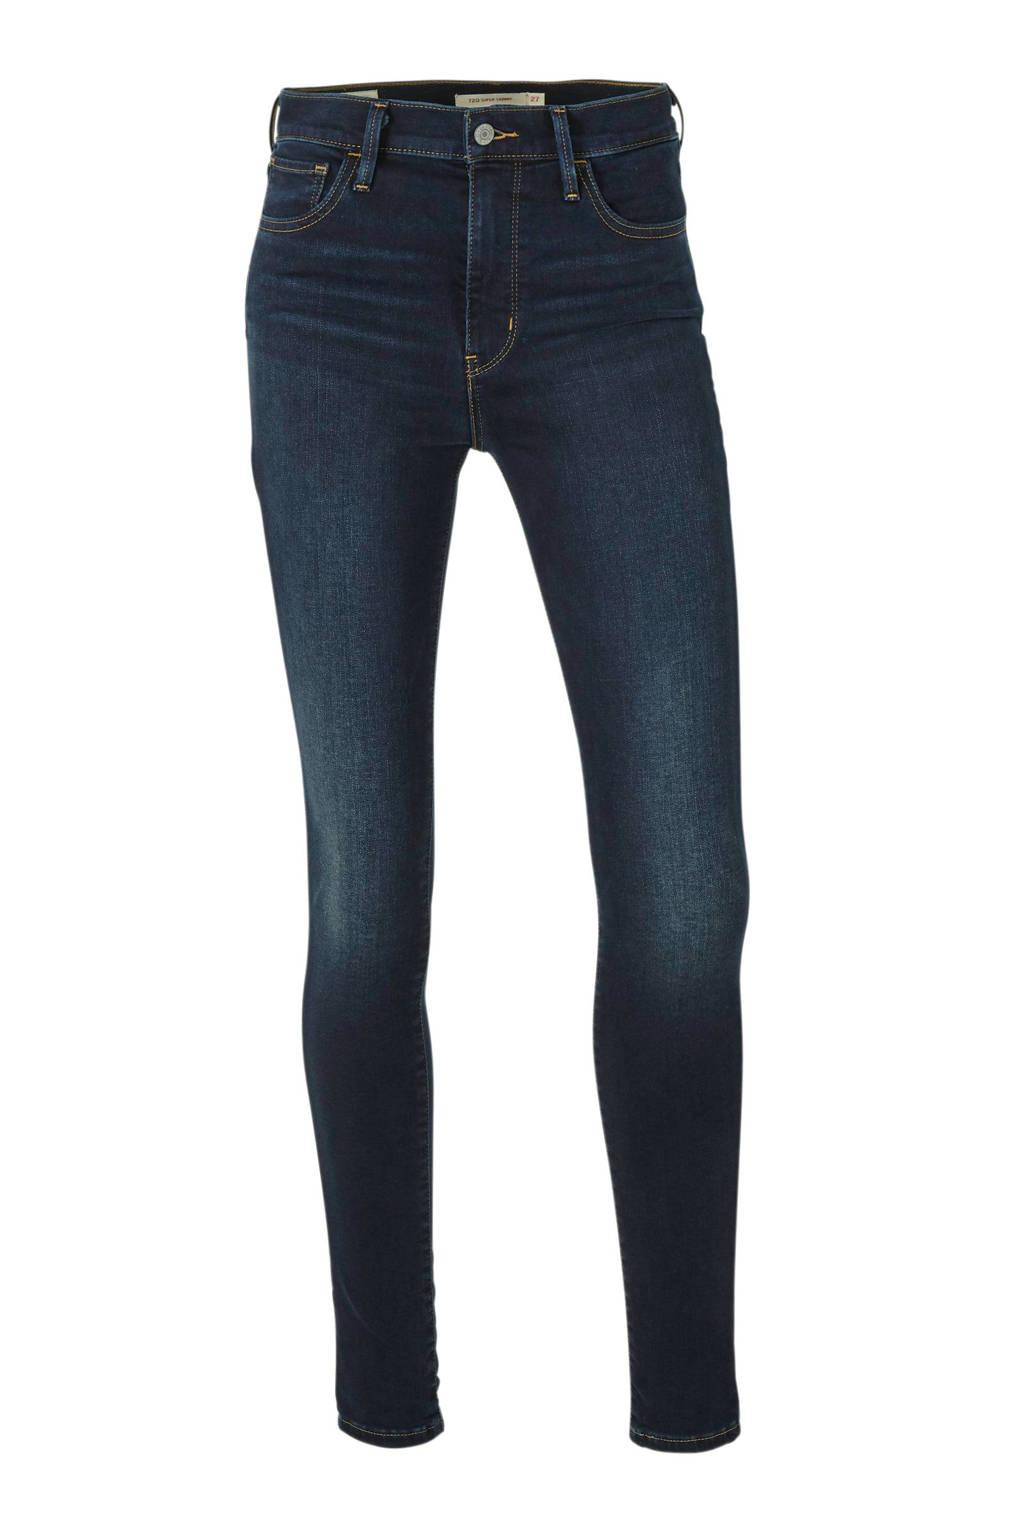 Levi's 720 high waist skinny jeans dark denim, Dark denim